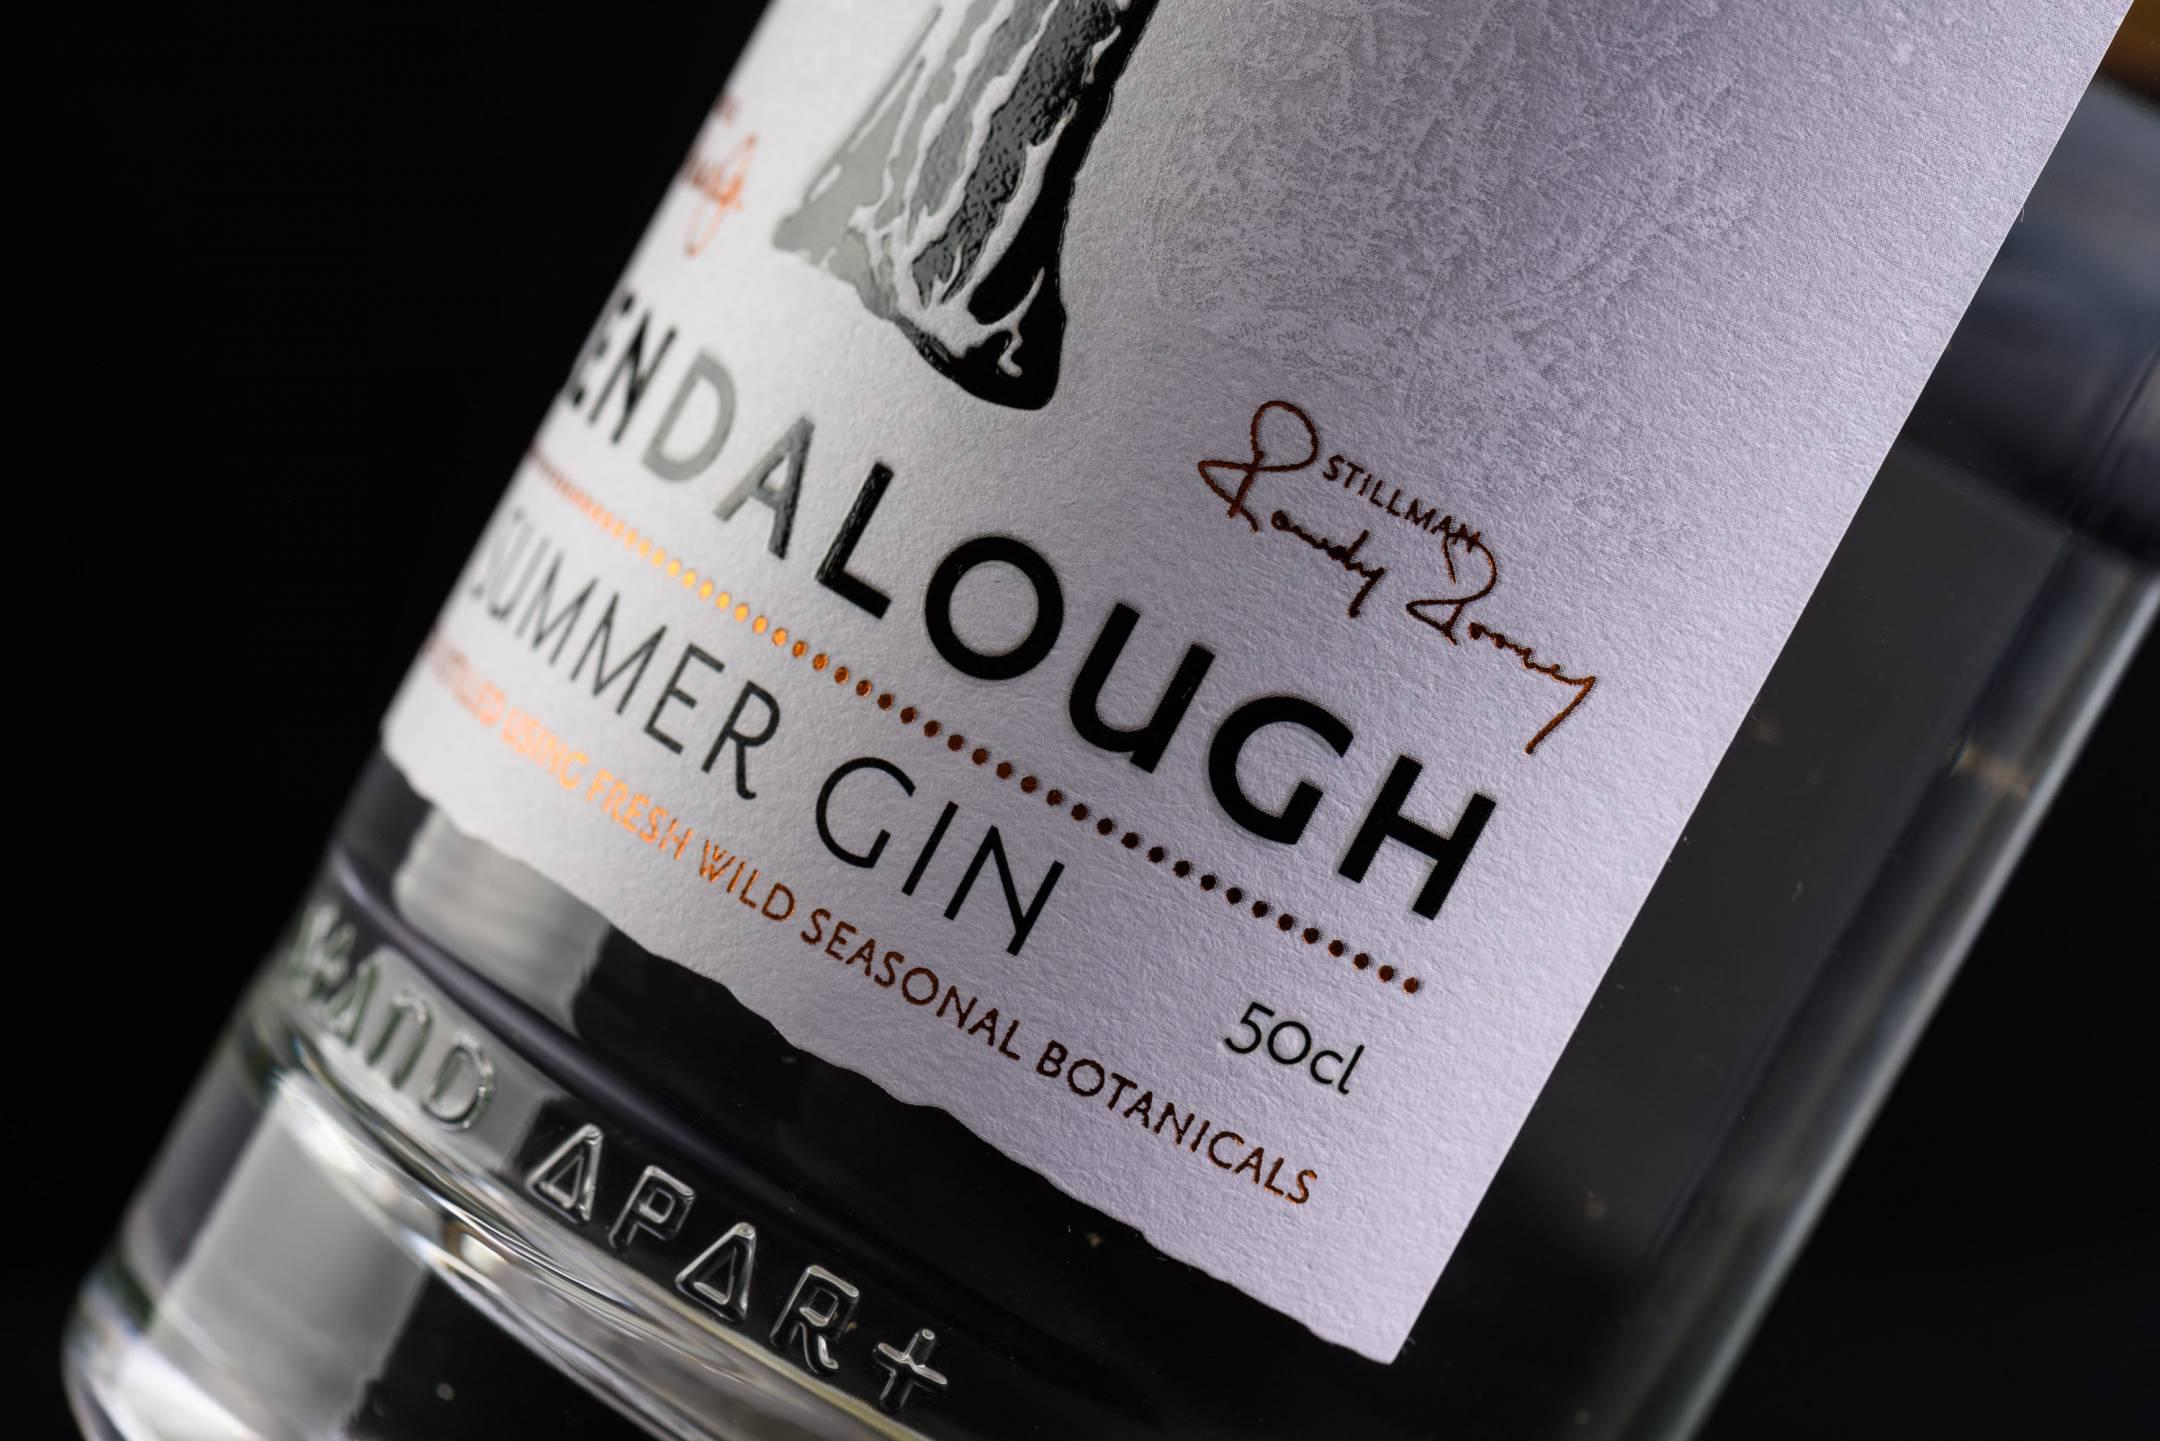 2018_45degree_Glendalough-Gin-2-Summer_015